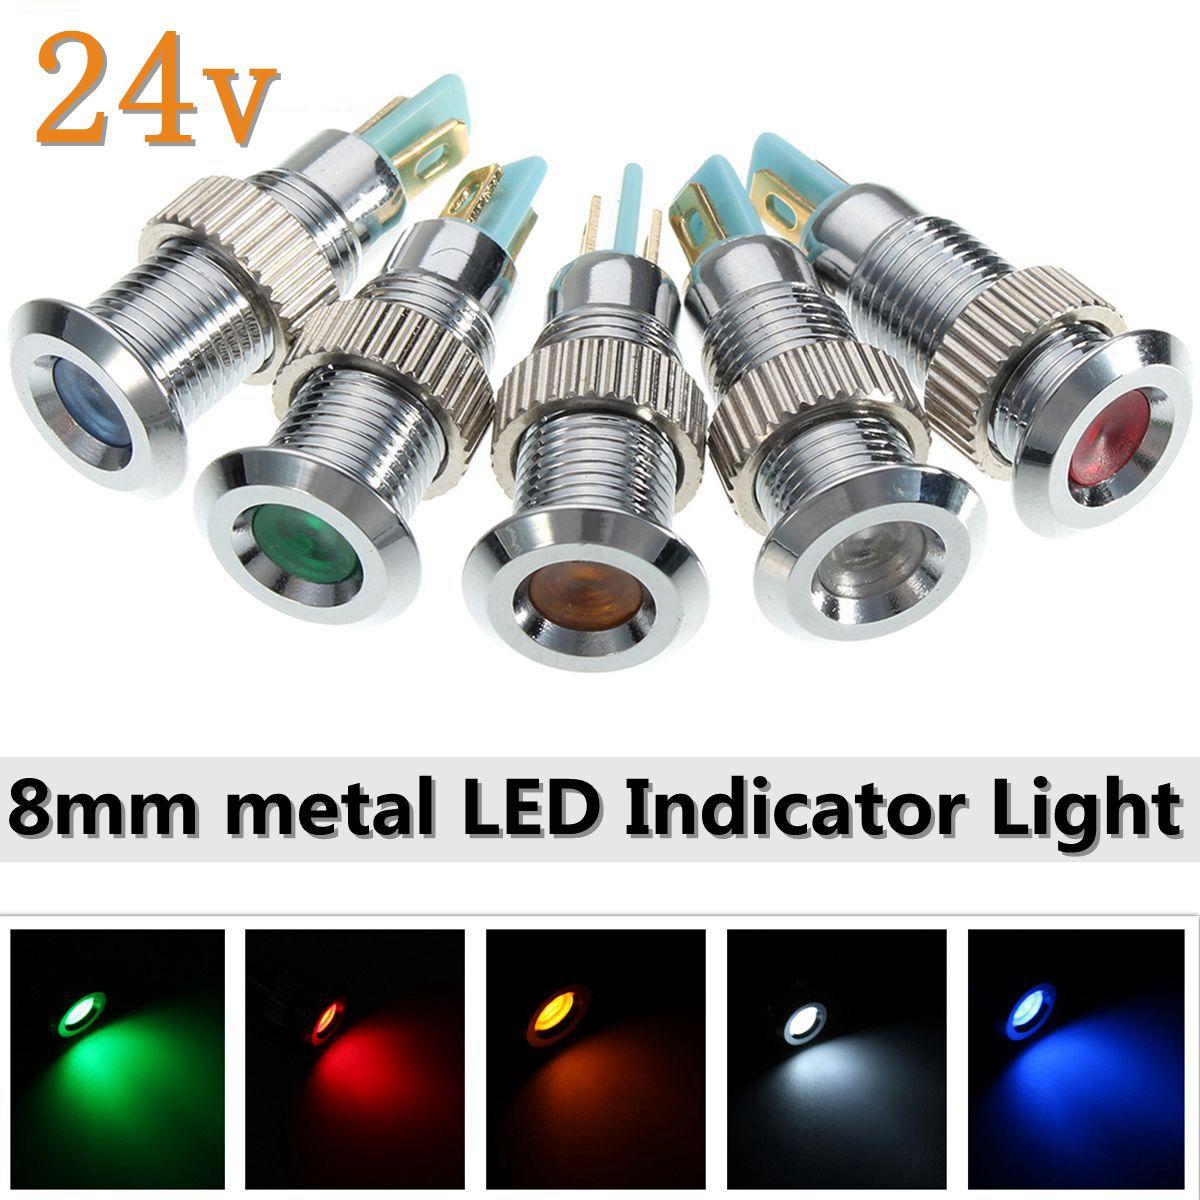 5Pcs Universal 24V 8mm Metal LED Dash Panel Warning Indicator Pilot Light Waterproof